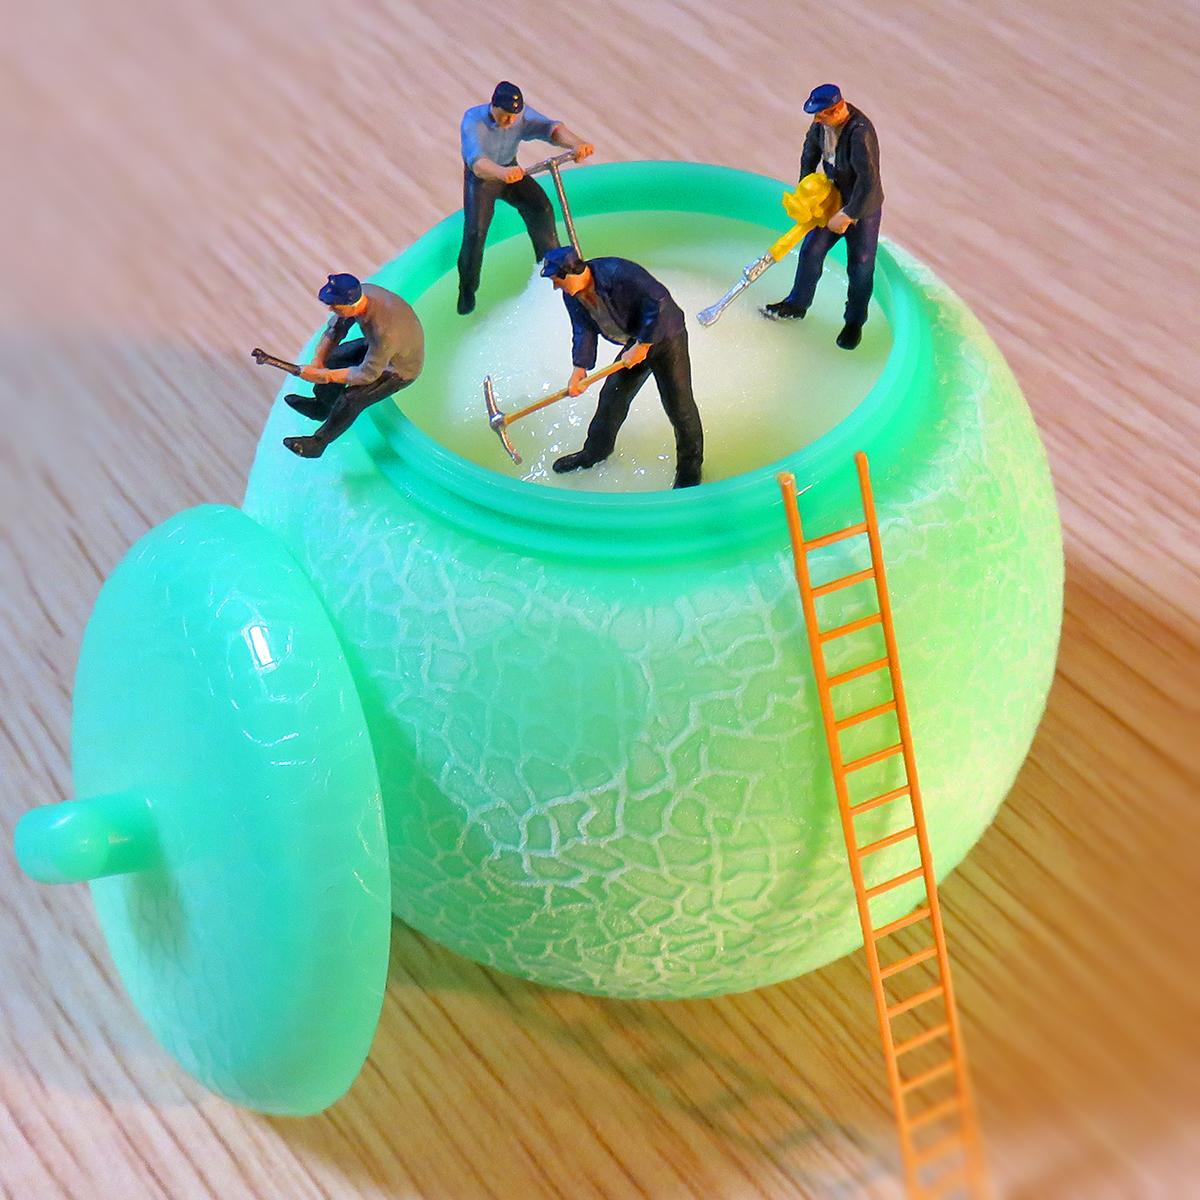 固まったメロンアイスを掘る作業員